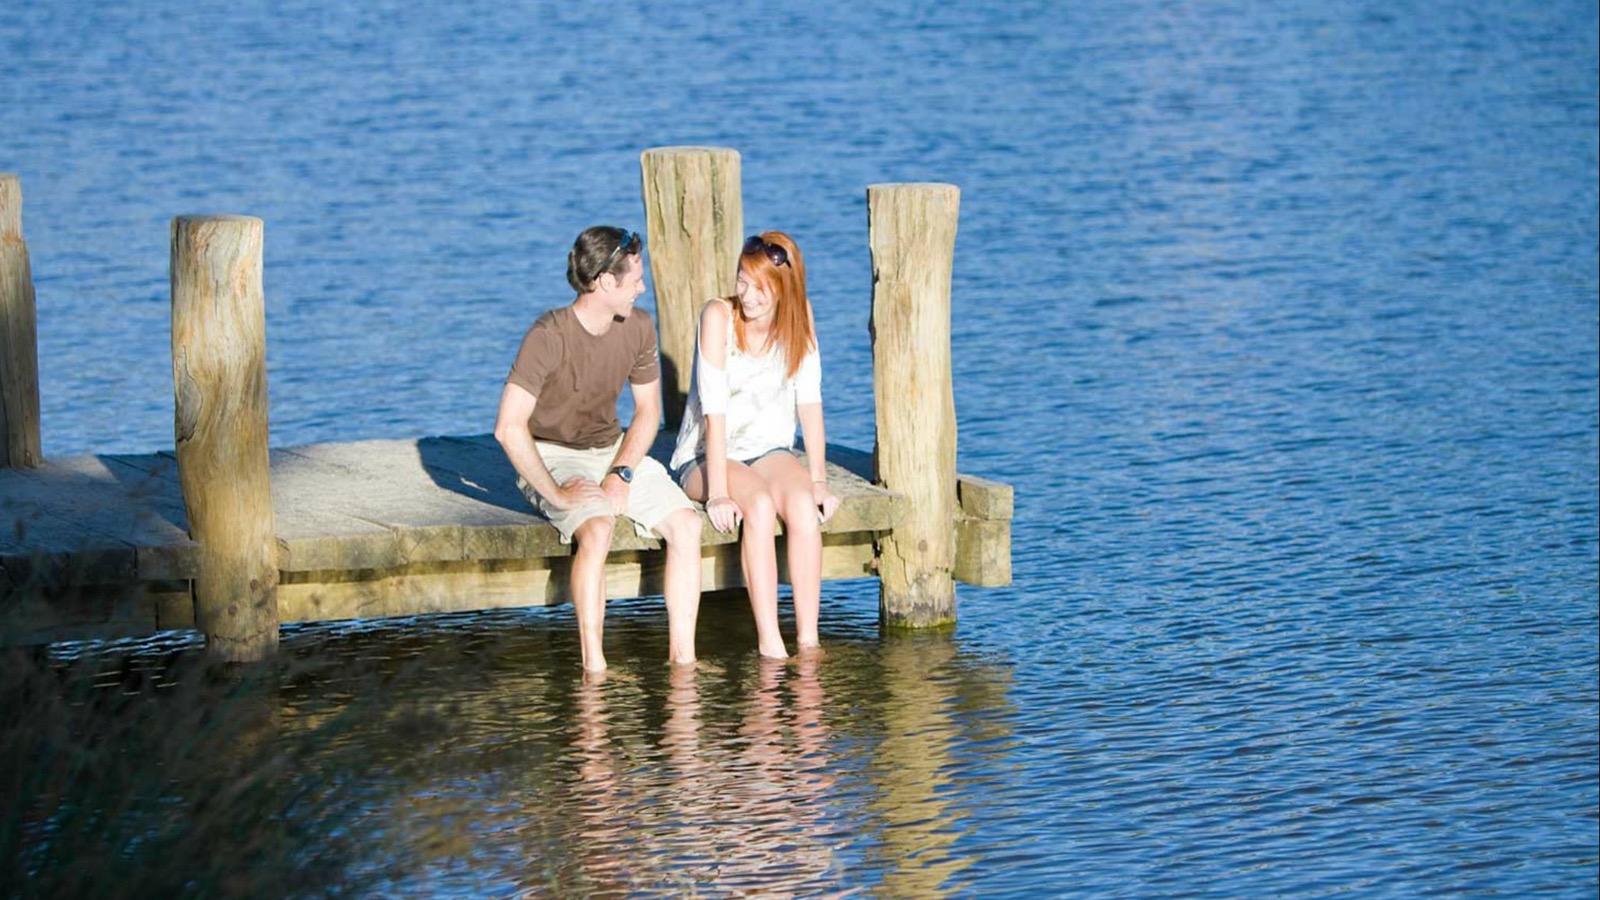 Relax at Lake Sambell